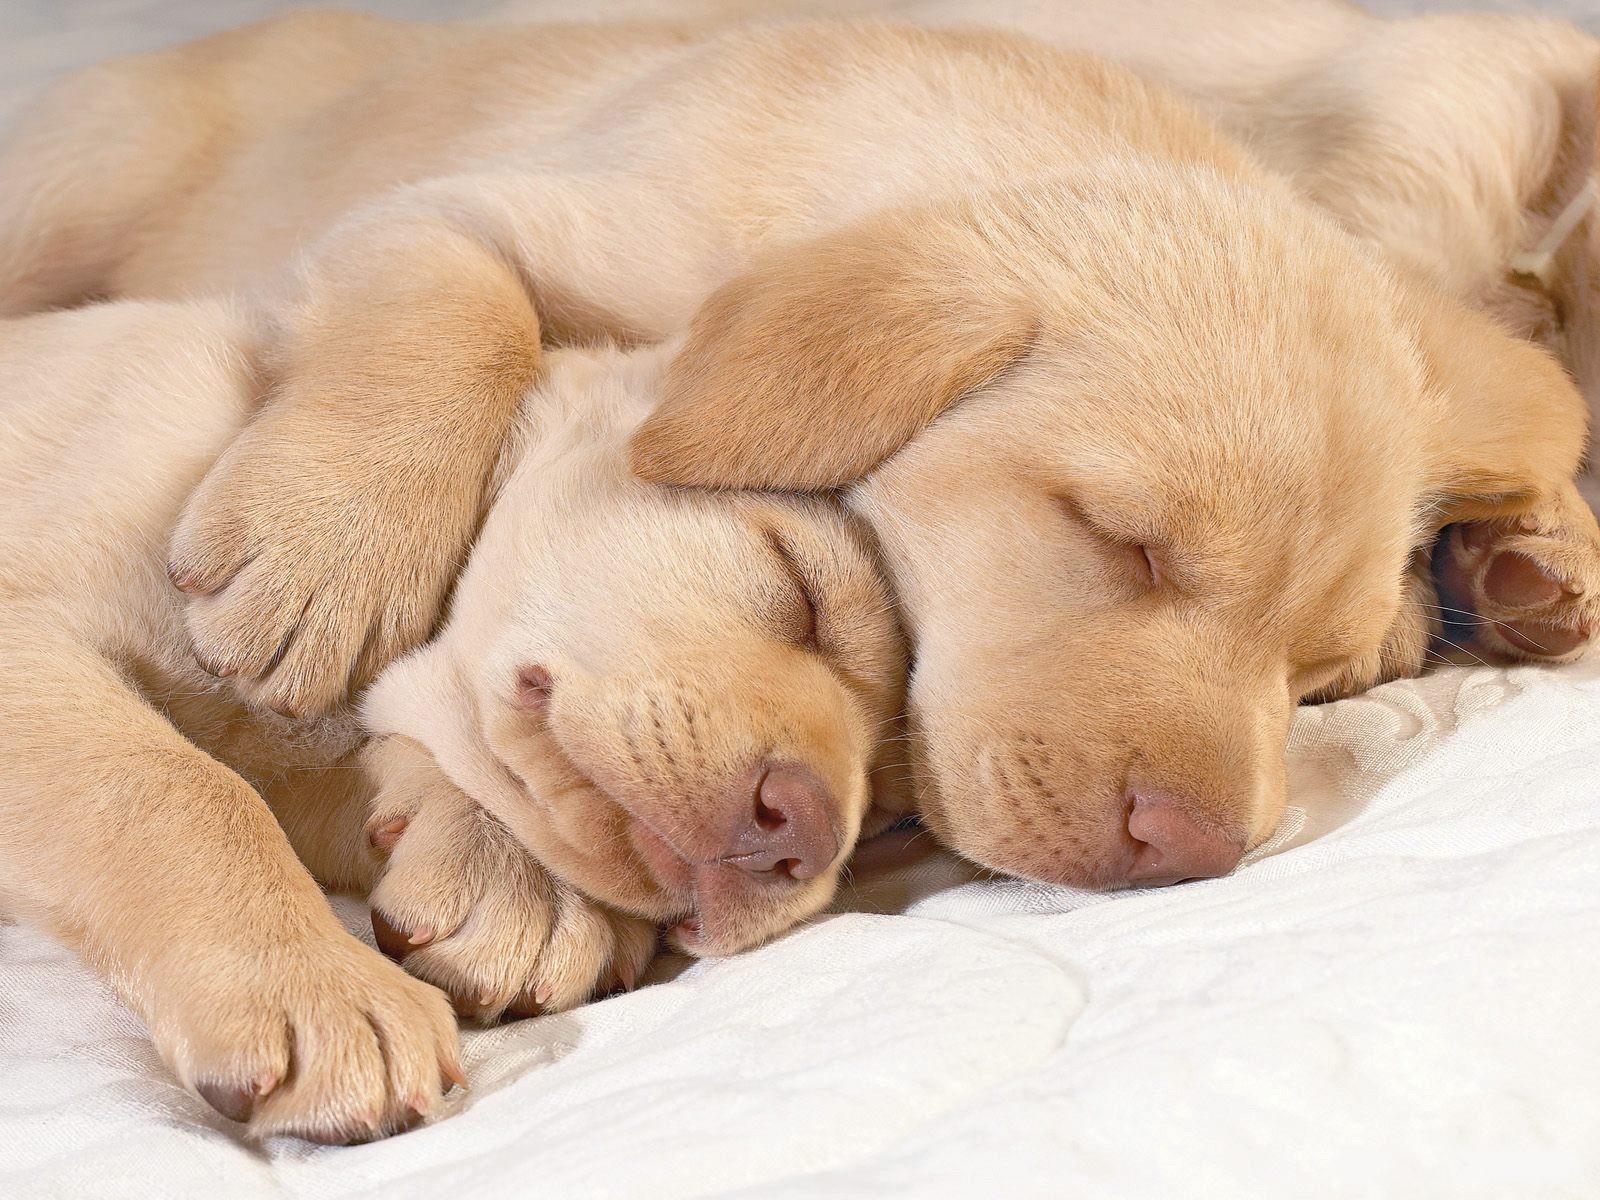 http://4.bp.blogspot.com/-pcrX9FUbrxU/T-Bhb-eCvCI/AAAAAAAADL4/U7m7u48kE3M/s1600/Cute-puppies-in-hug-puppies-14748941-1600-1200.jpg